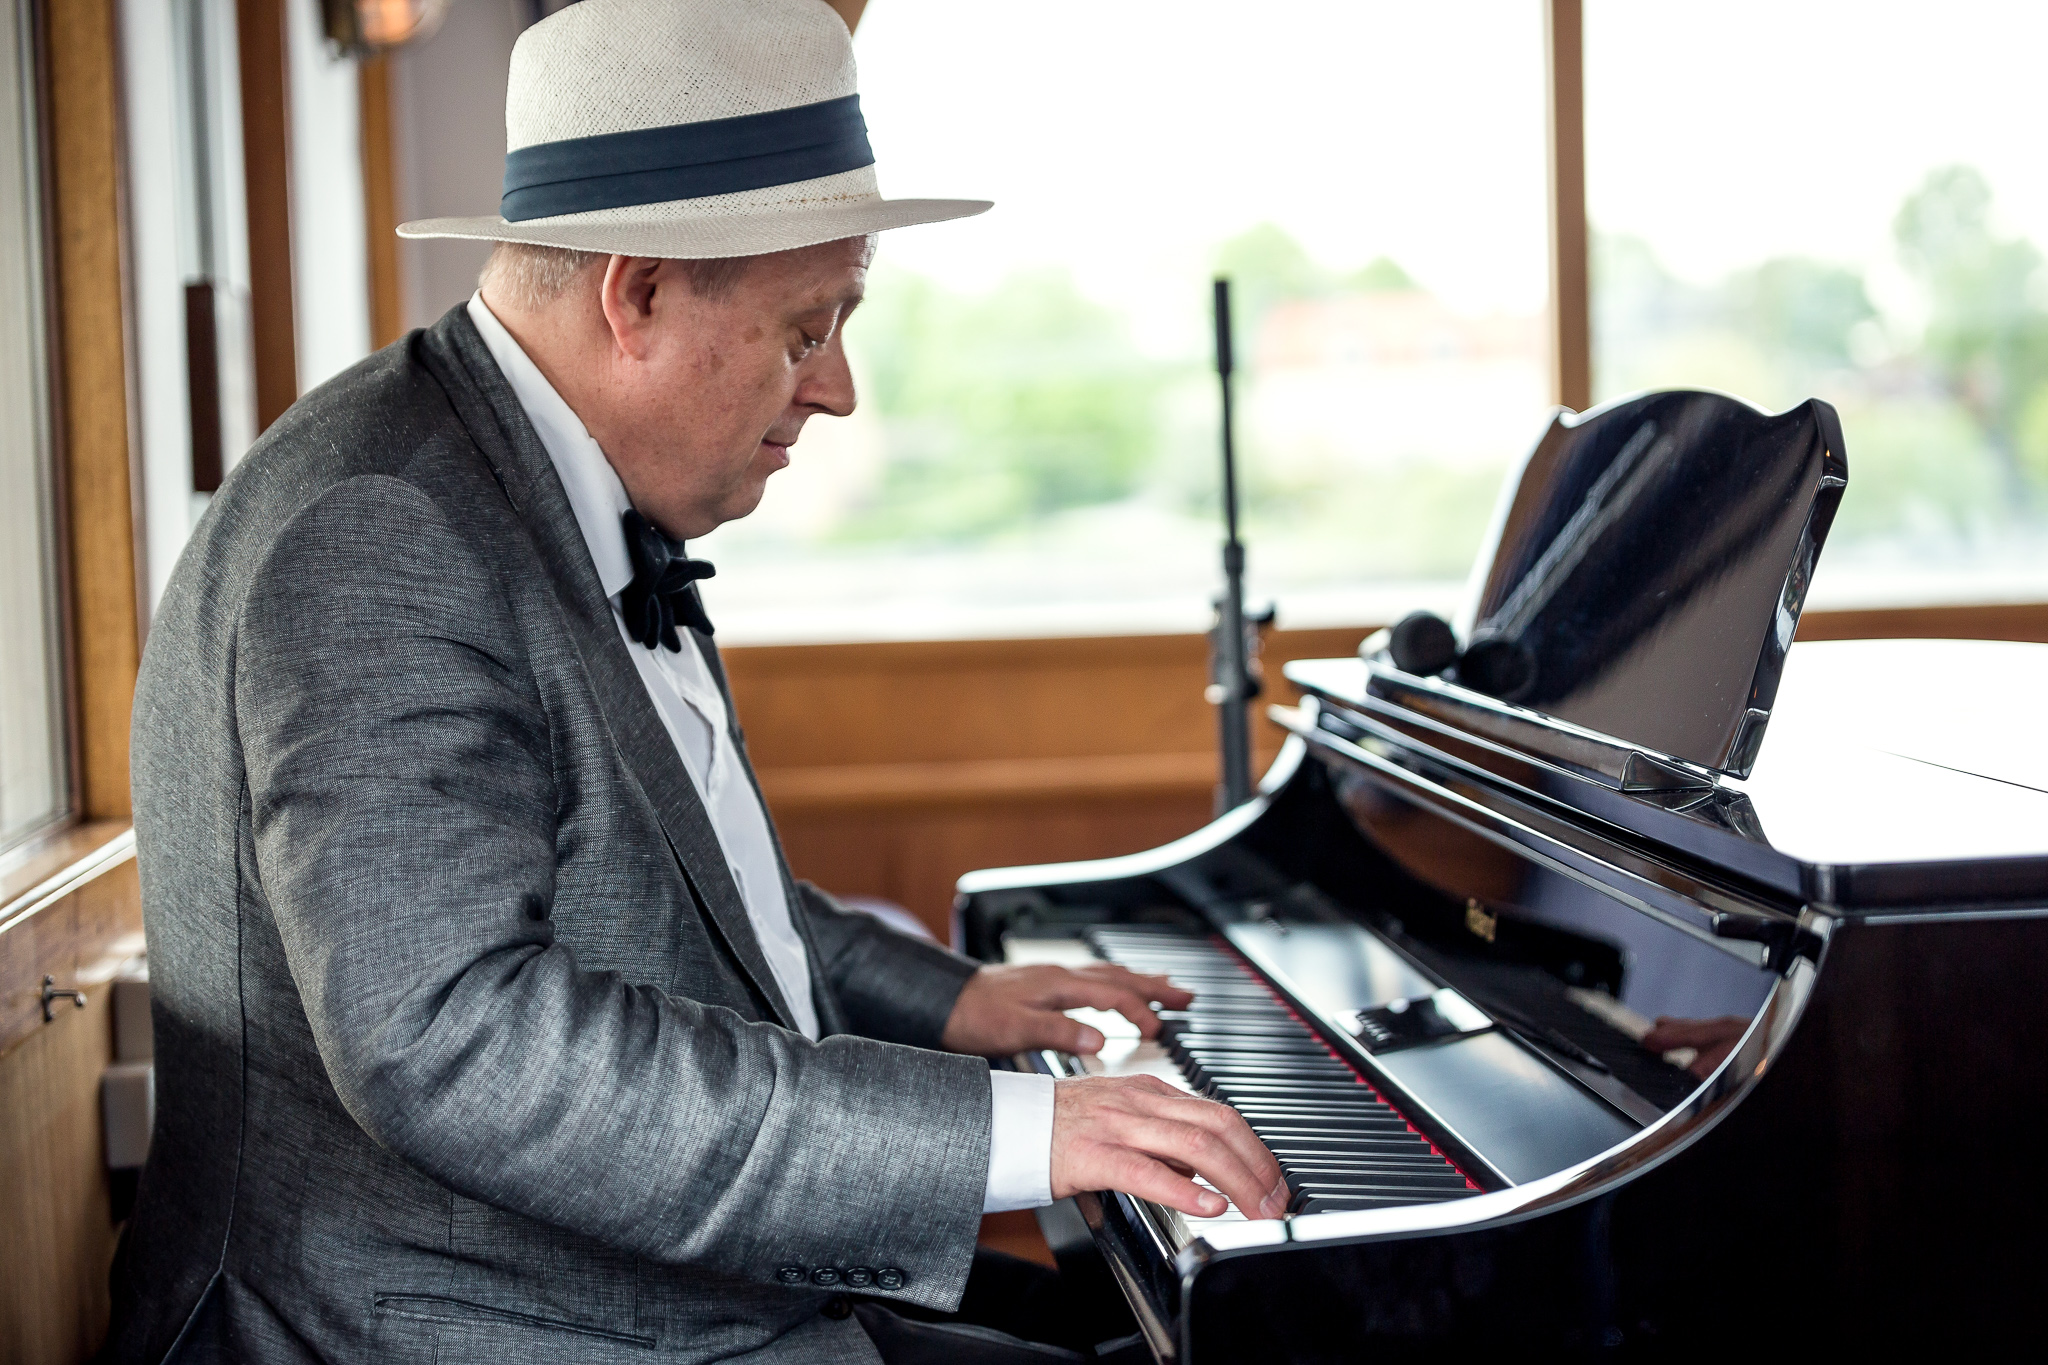 Hyr en pianist